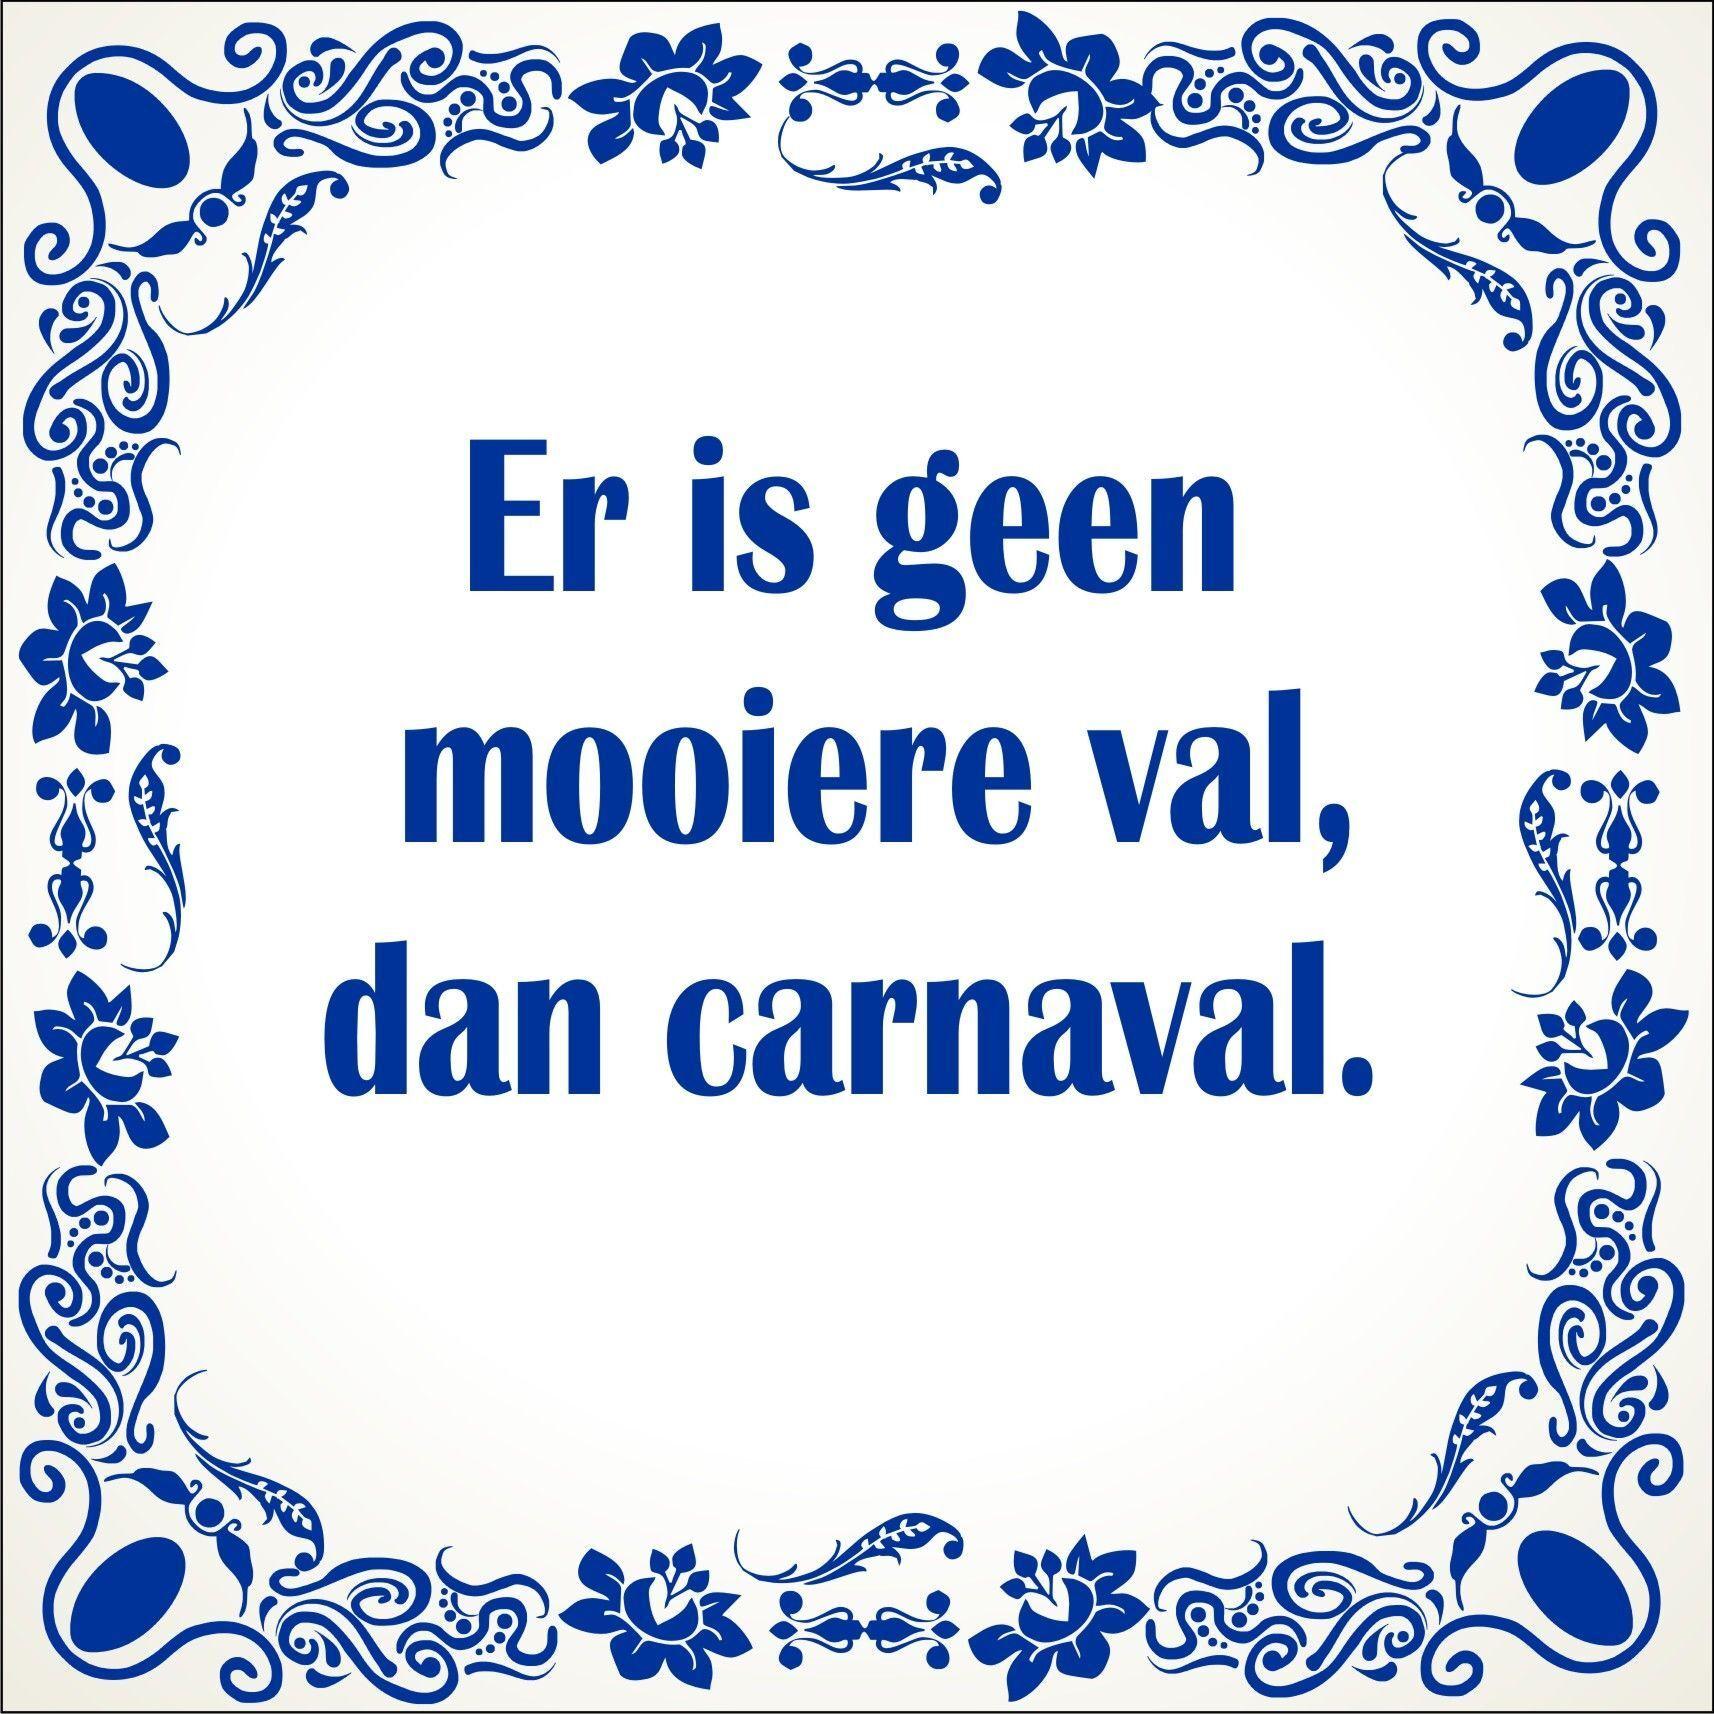 spreuken carnaval Spreukentegel er is geen mooiere val, dan carnaval. spreuken carnaval